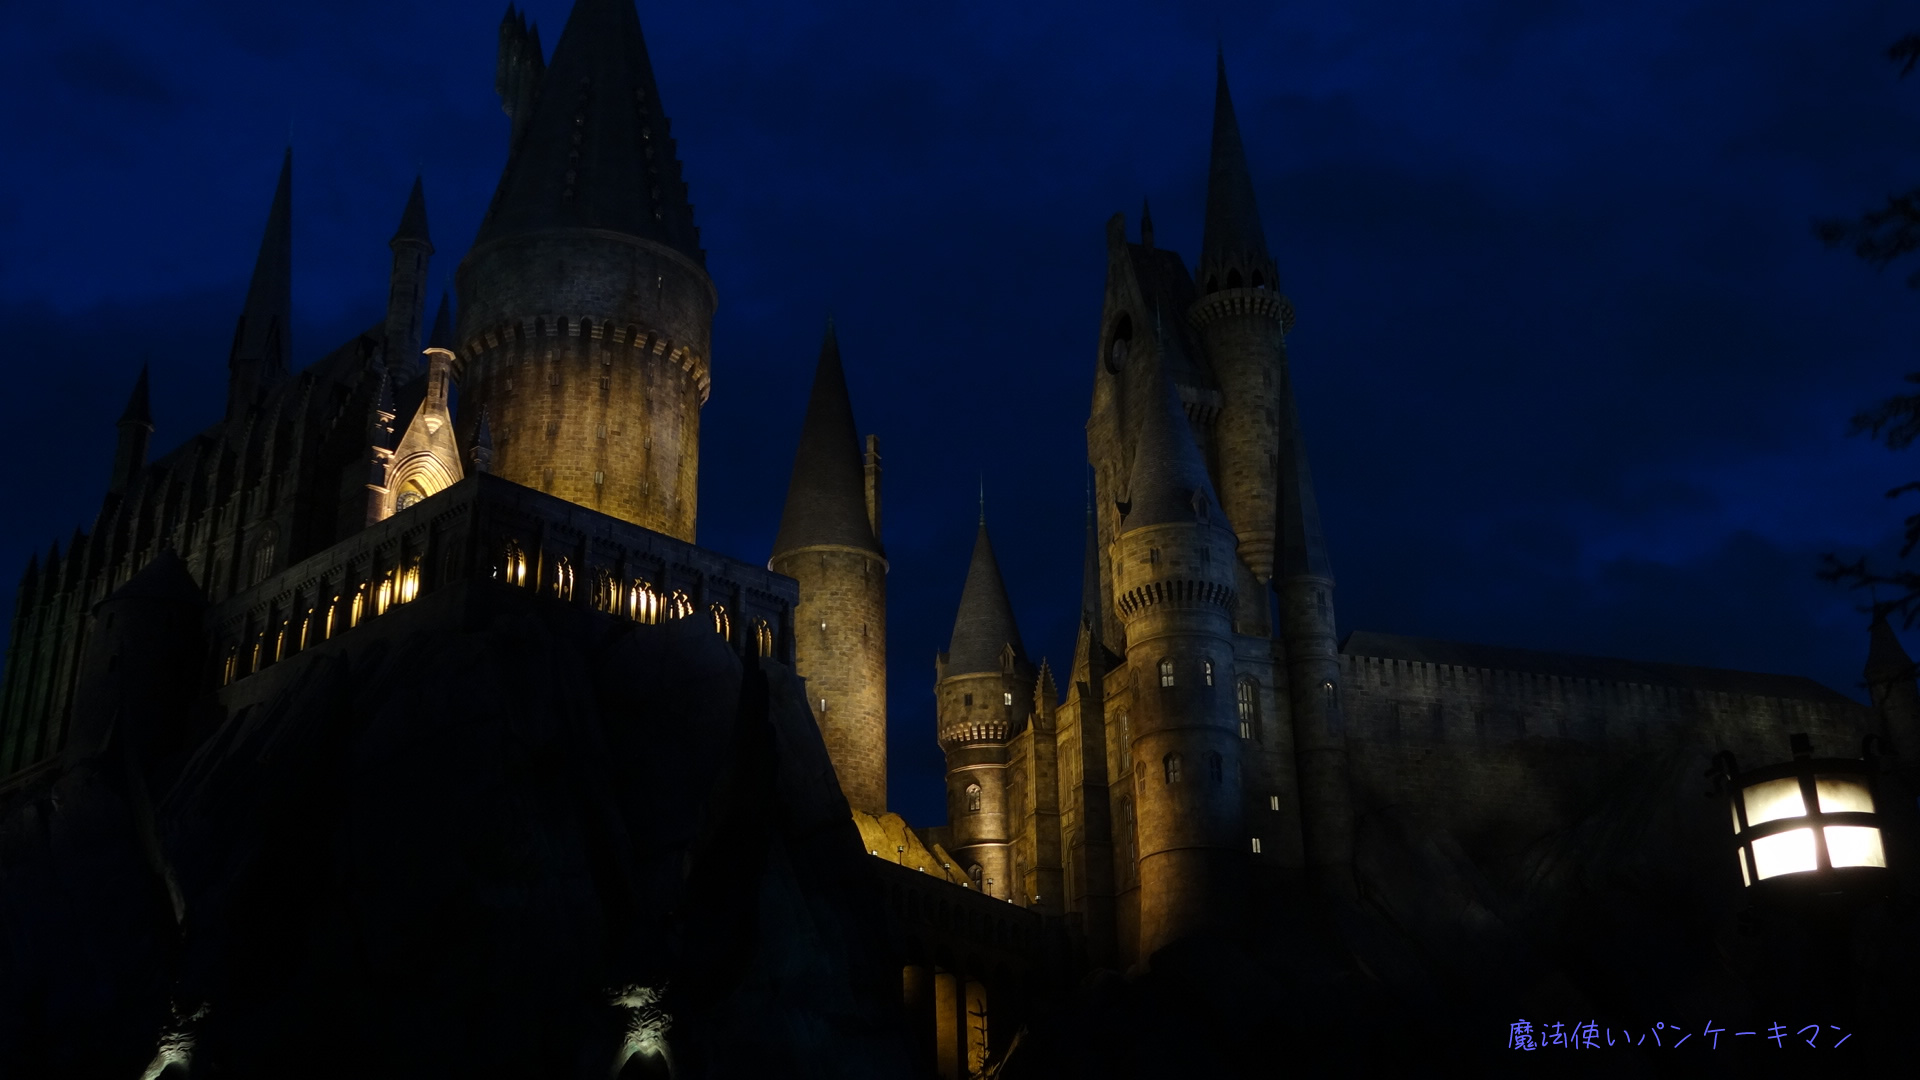 特別ライトアップのホグワーツ城(ハリポタUSJ)魔法使いパンケーキマン